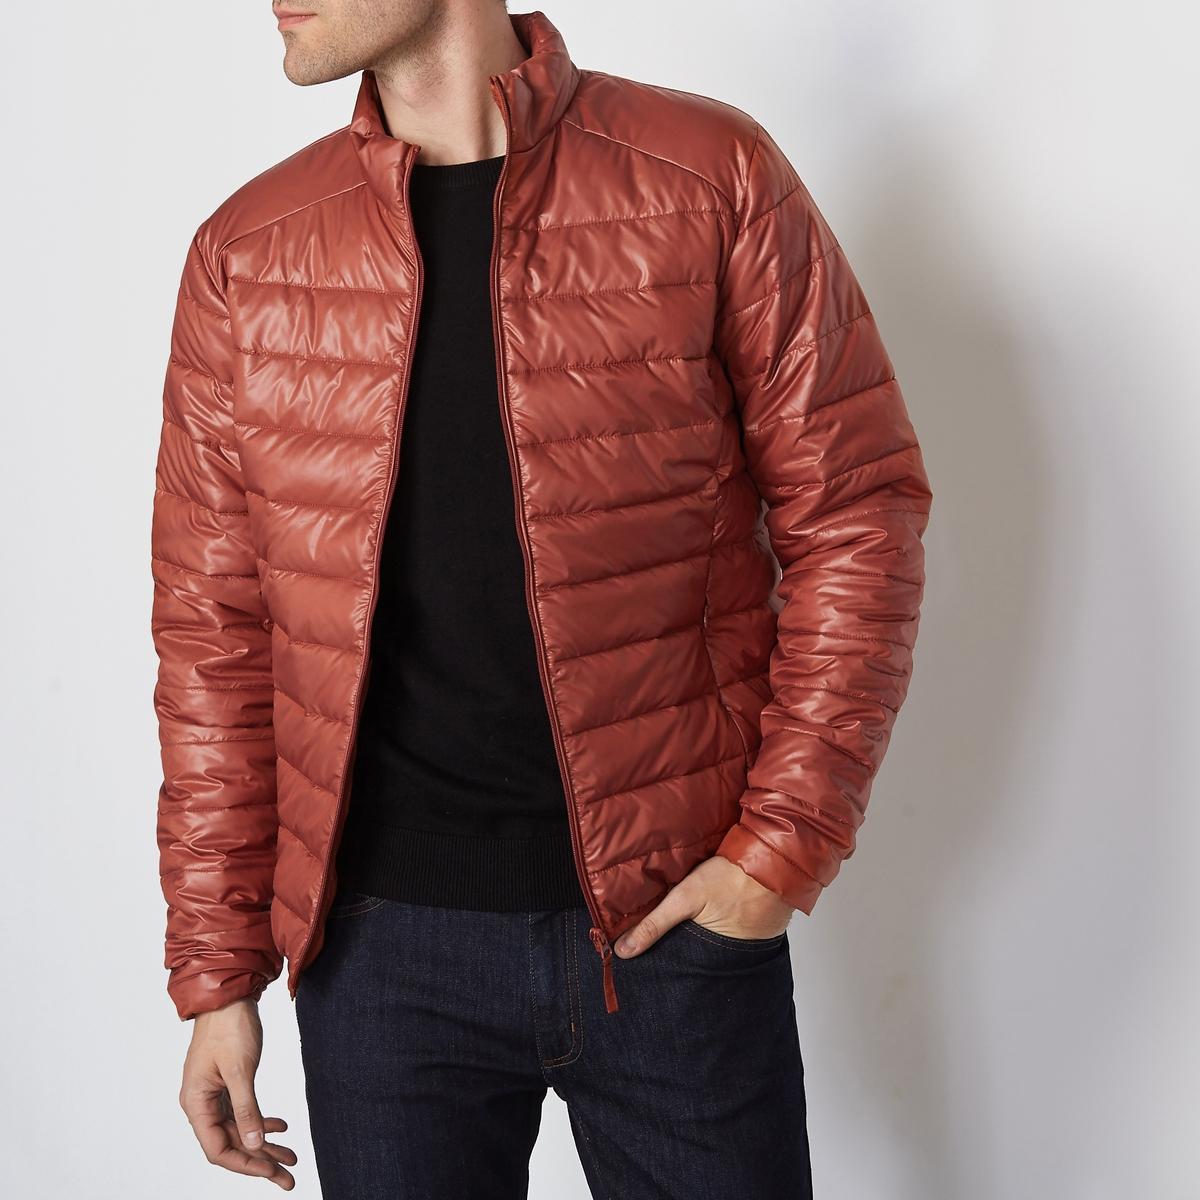 Куртка легкаяУход : Машинная стирка при 30°C исключительно на деликатном режиме<br><br>Цвет: кирпичный<br>Размер: M